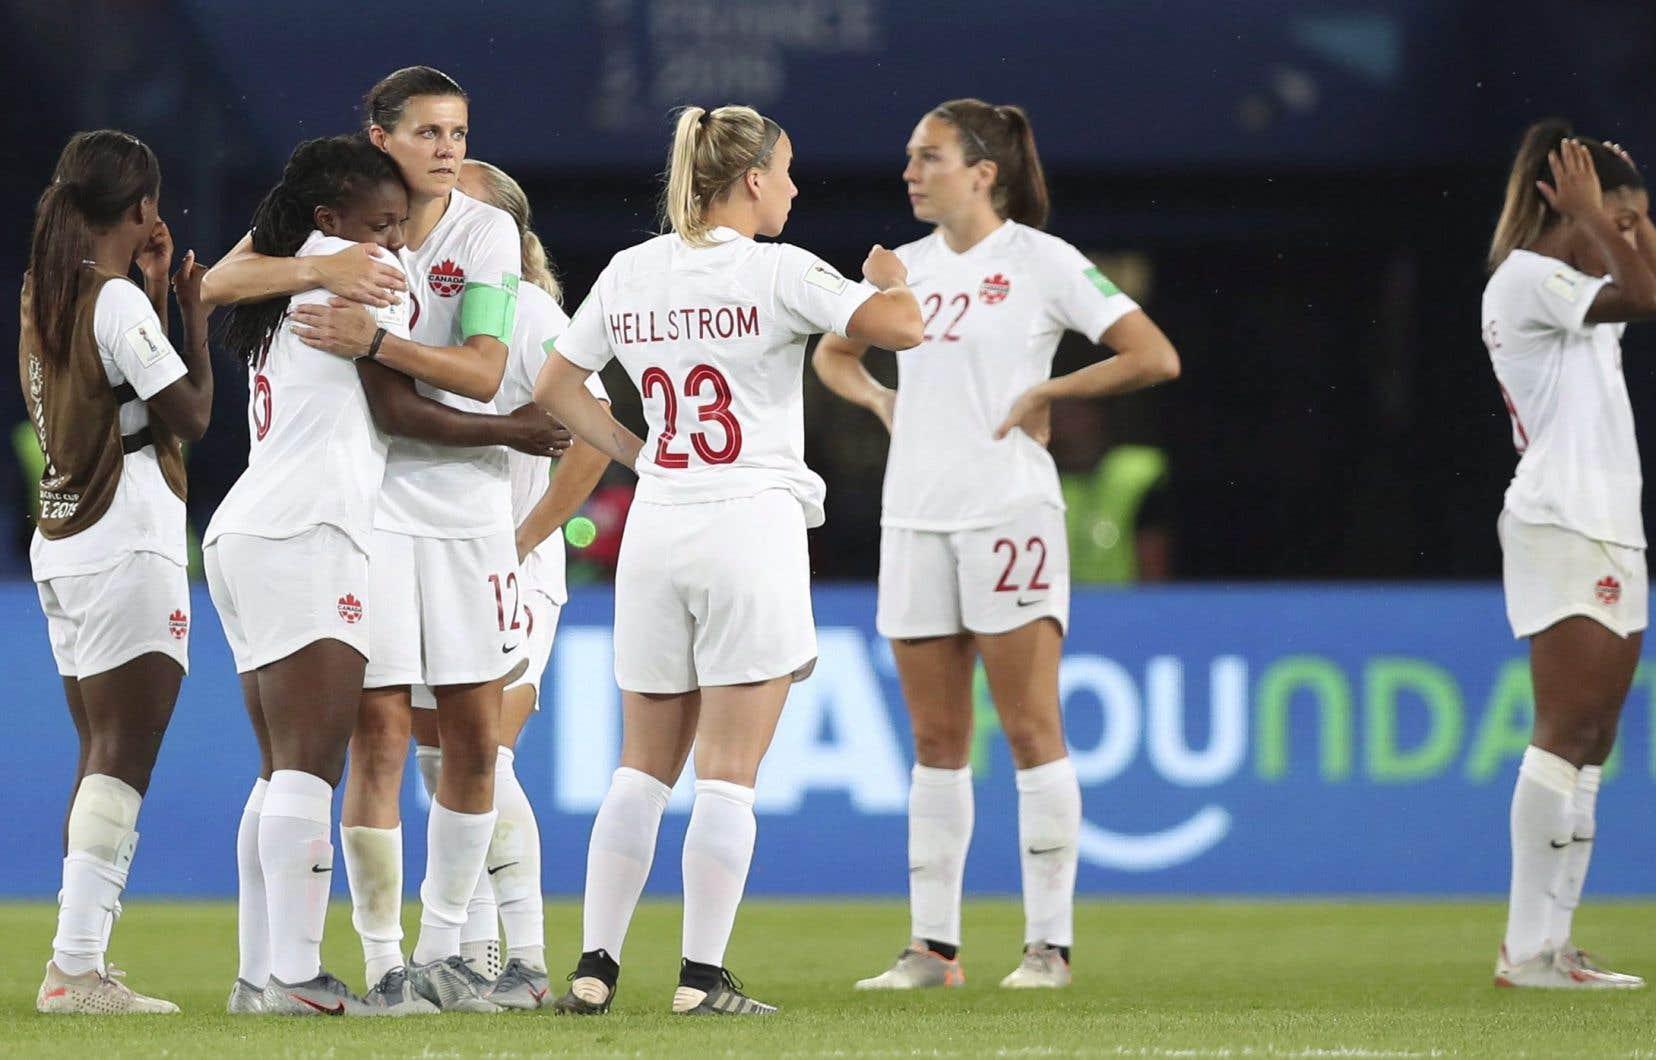 Les Canadiennes ont glissé de la cinquième à la septième place au classement mondial après la Coupe du monde de soccer.